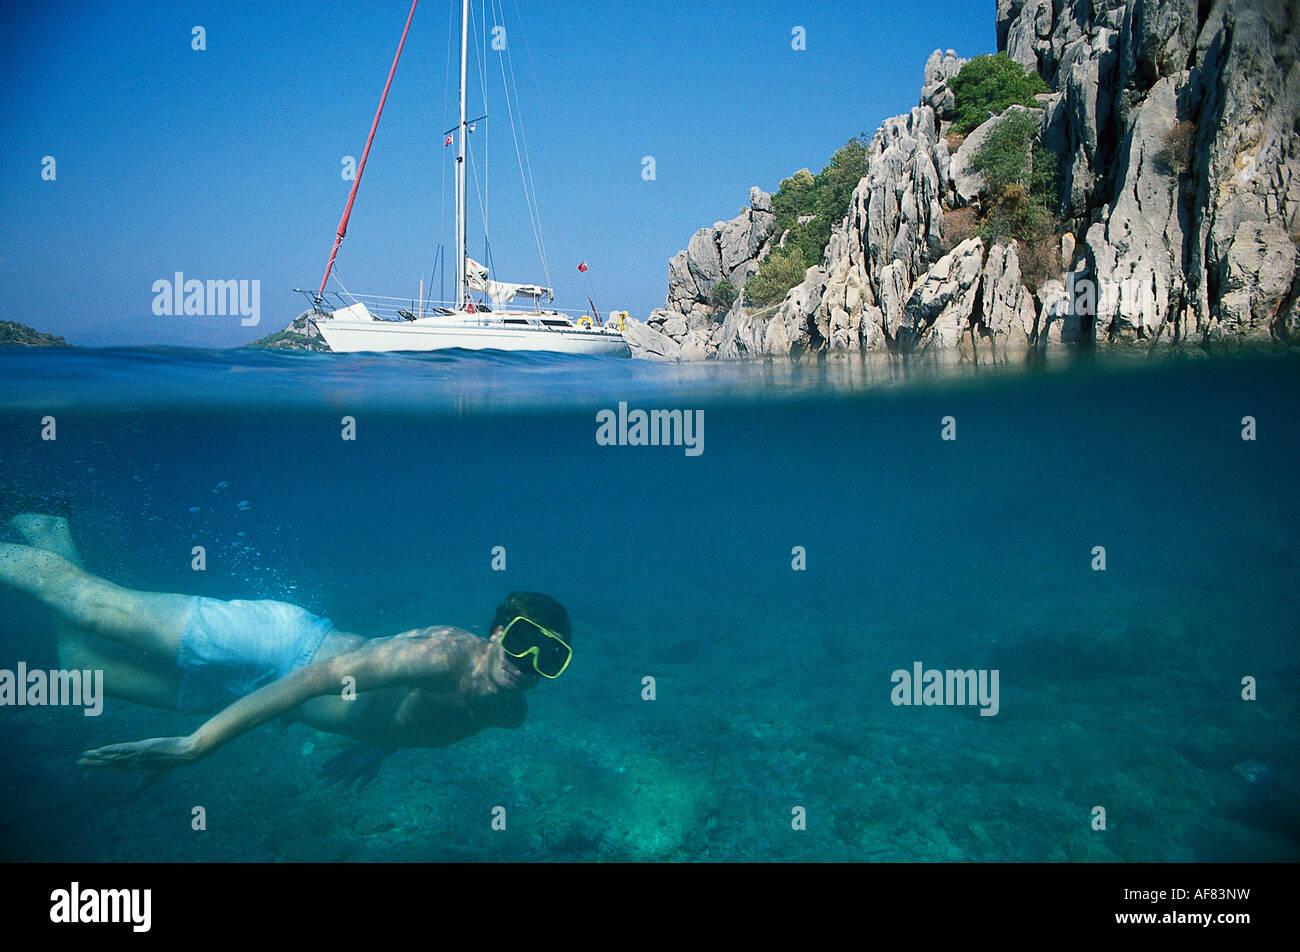 Tauchen, Segelboot, bei Kumlu Buekue Tuerk. Aegaeis, Tuerkei - Stock Image